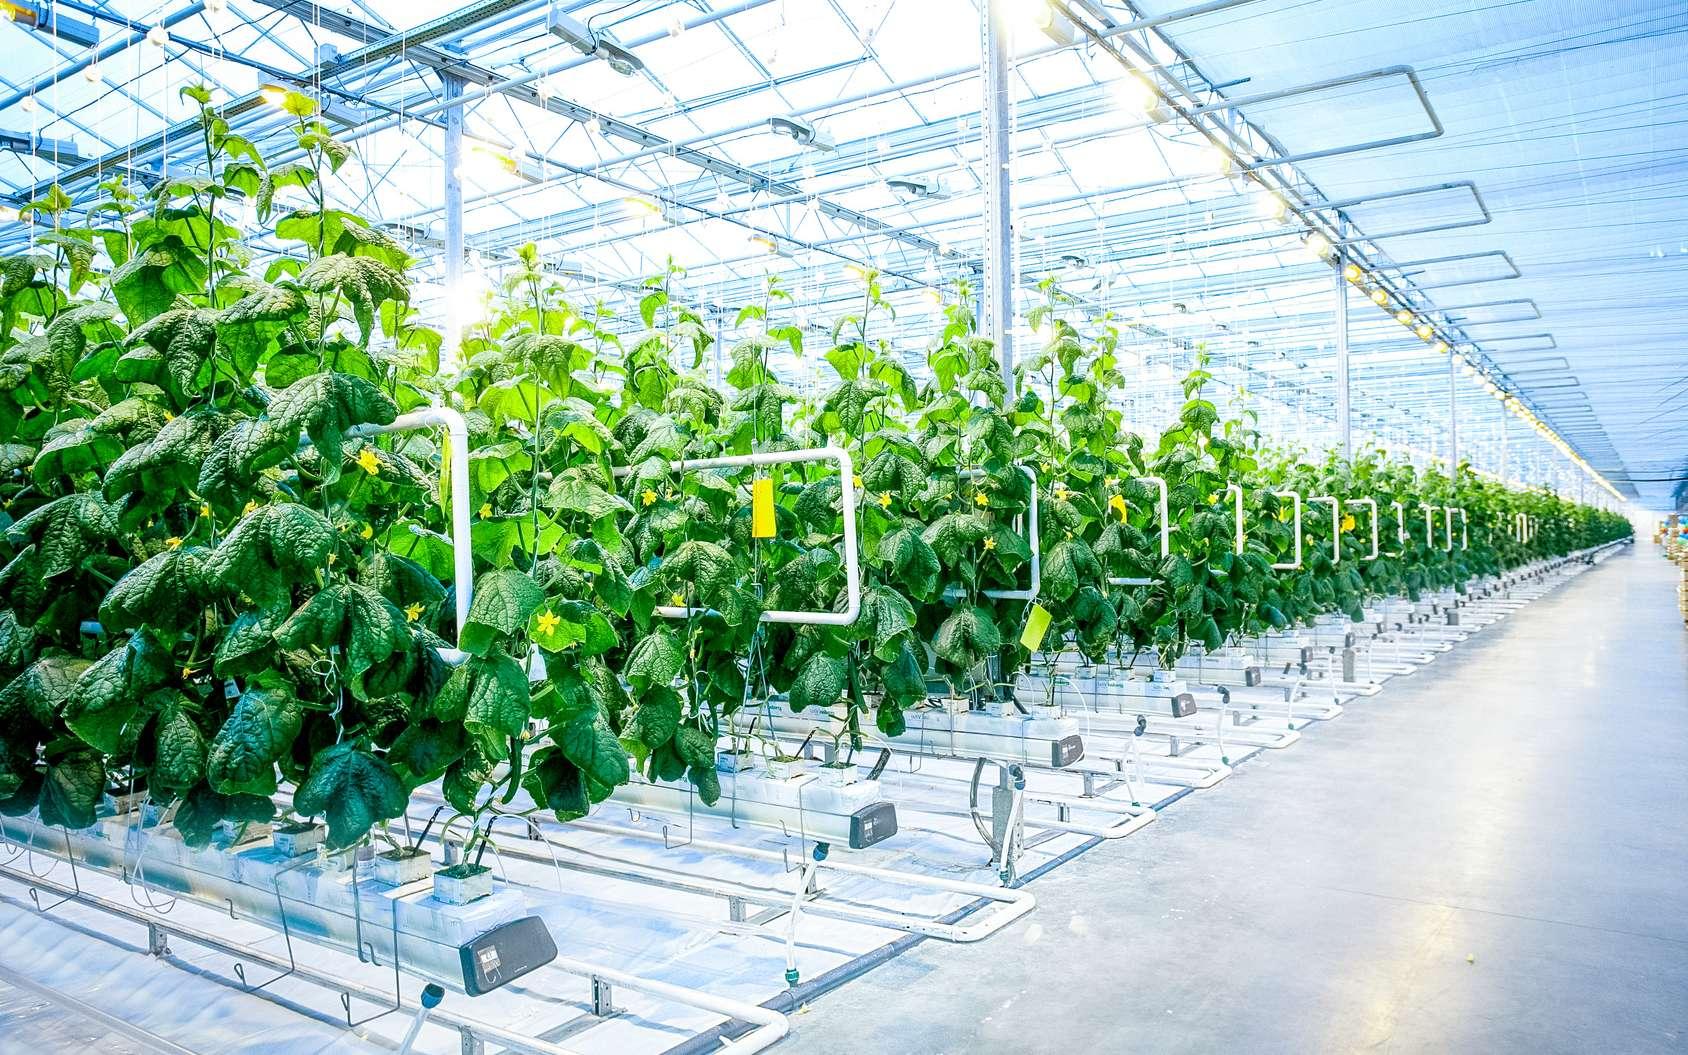 La première ferme entièrement automatisée des États-Unis sera installée dans l'Ohio. © 279photo, Fotolia